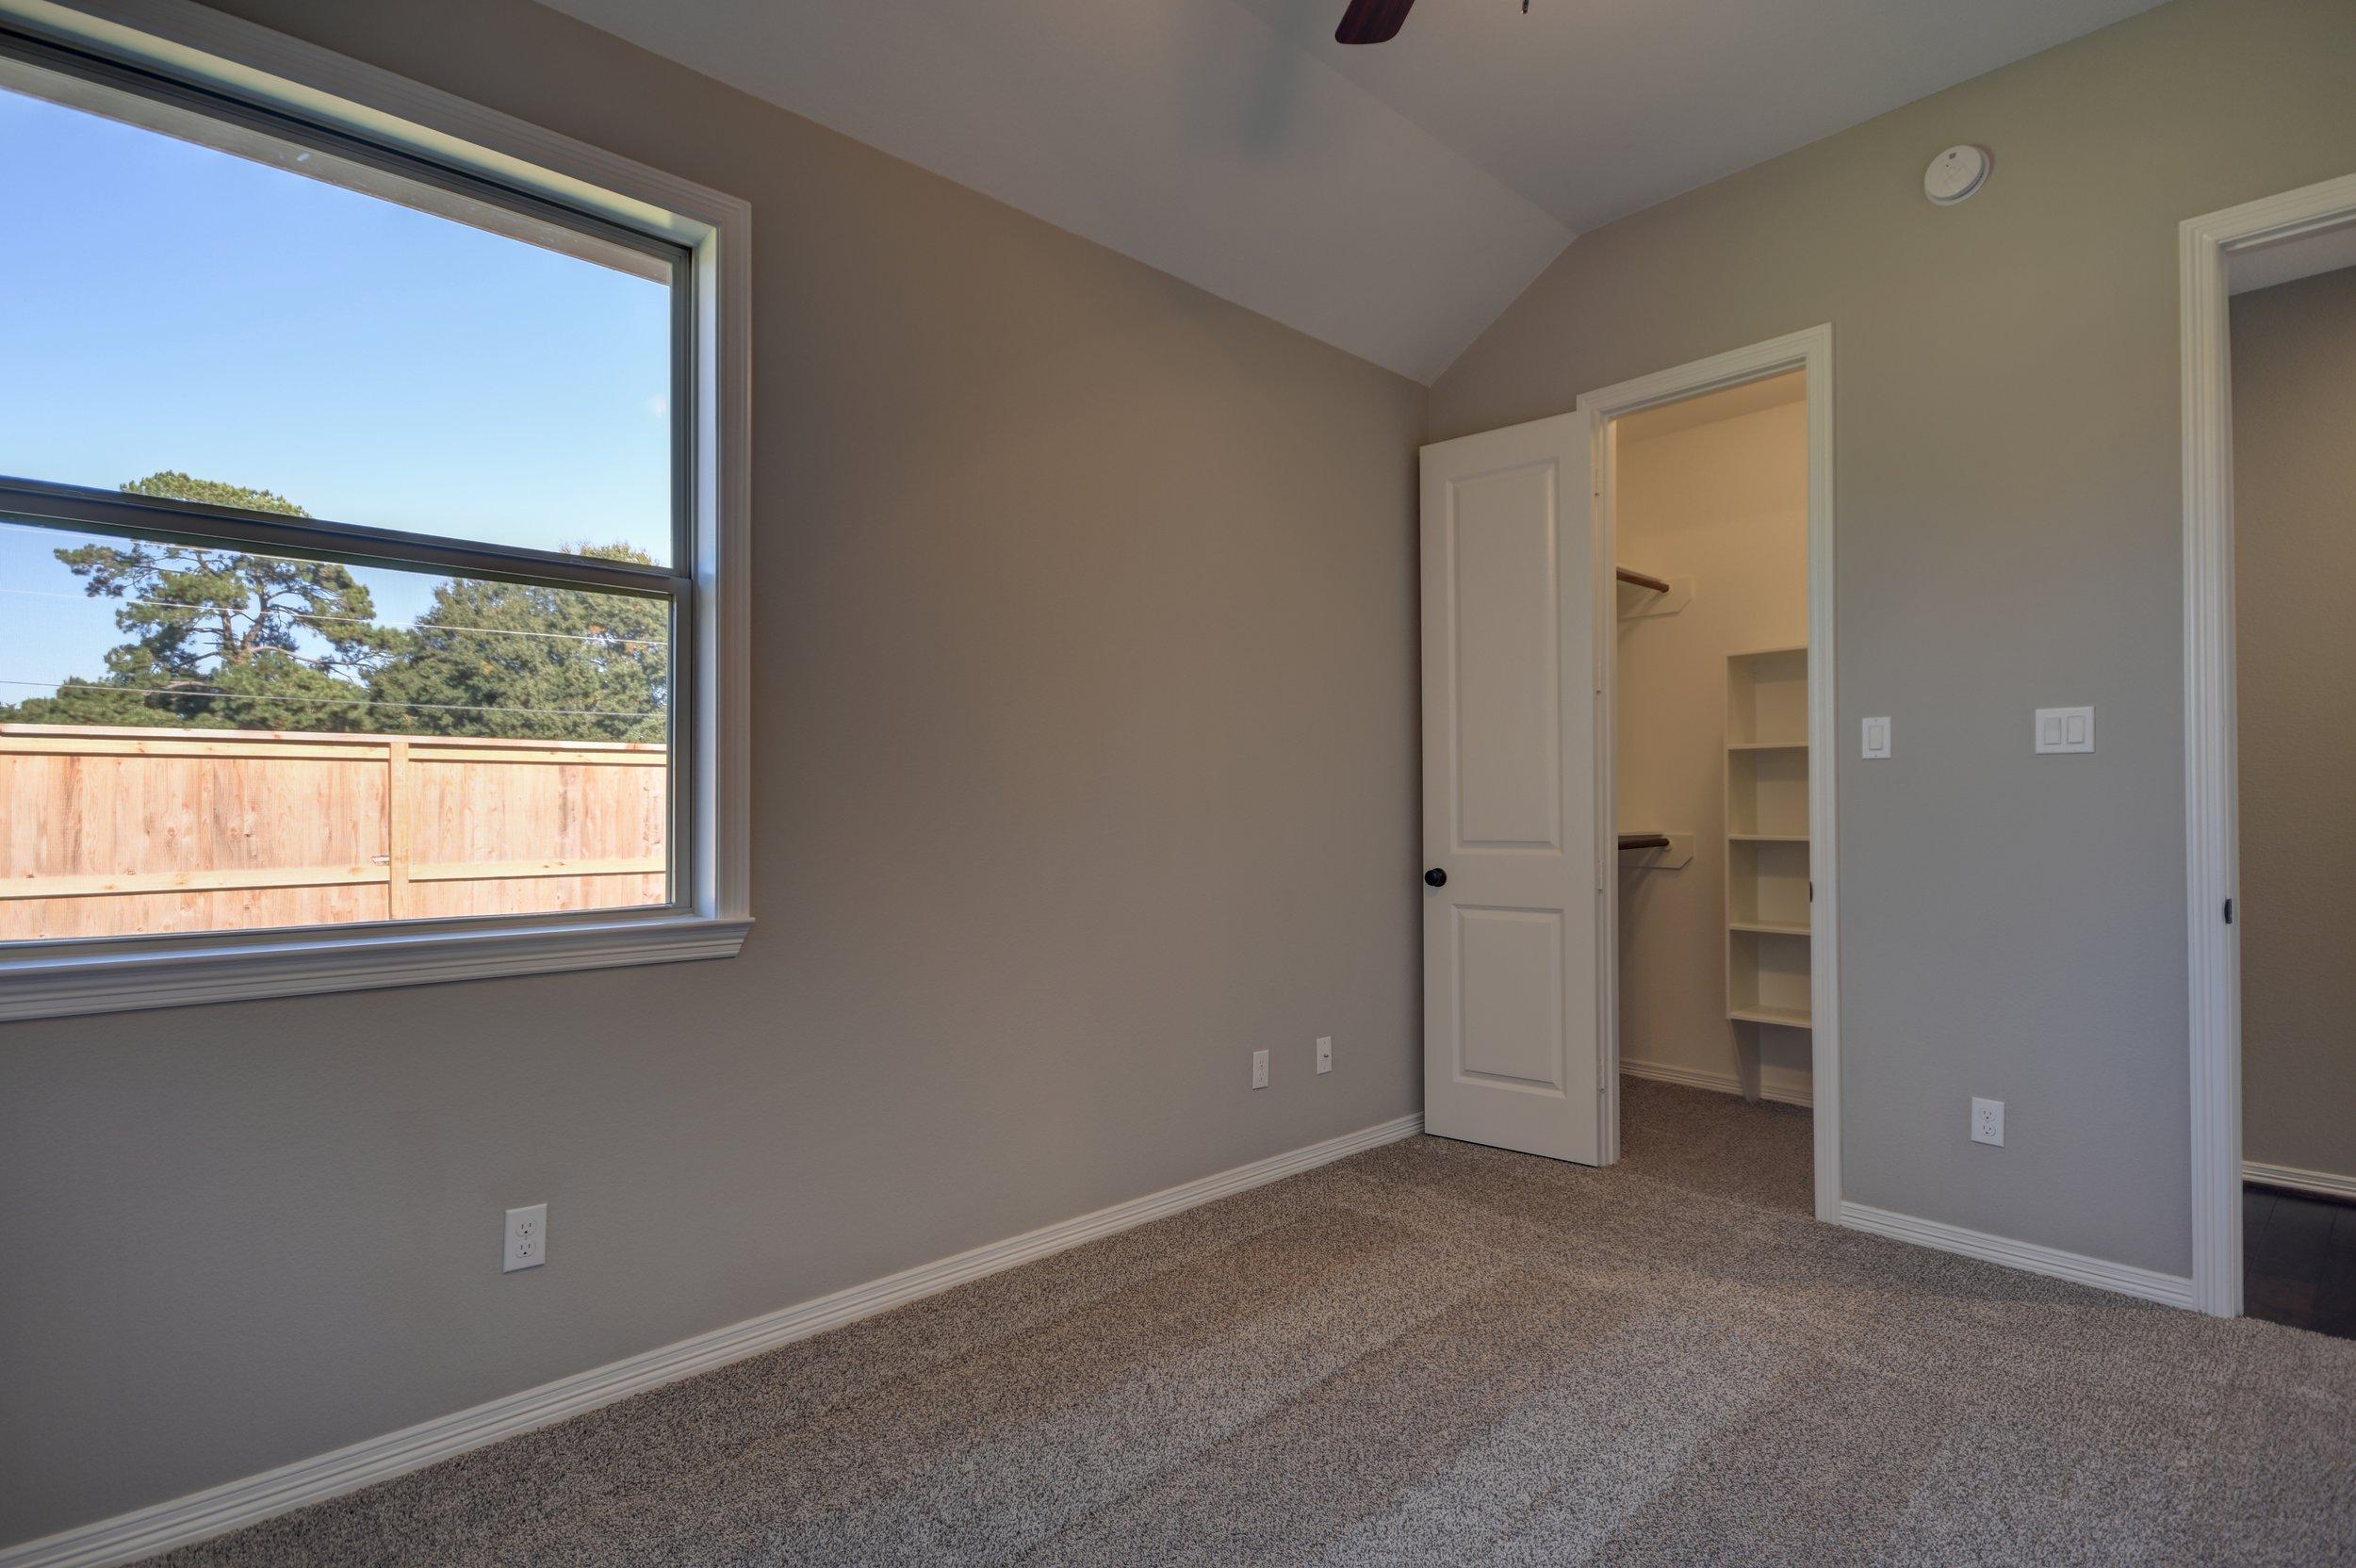 Bedroom 1 B - Closet Open.jpg